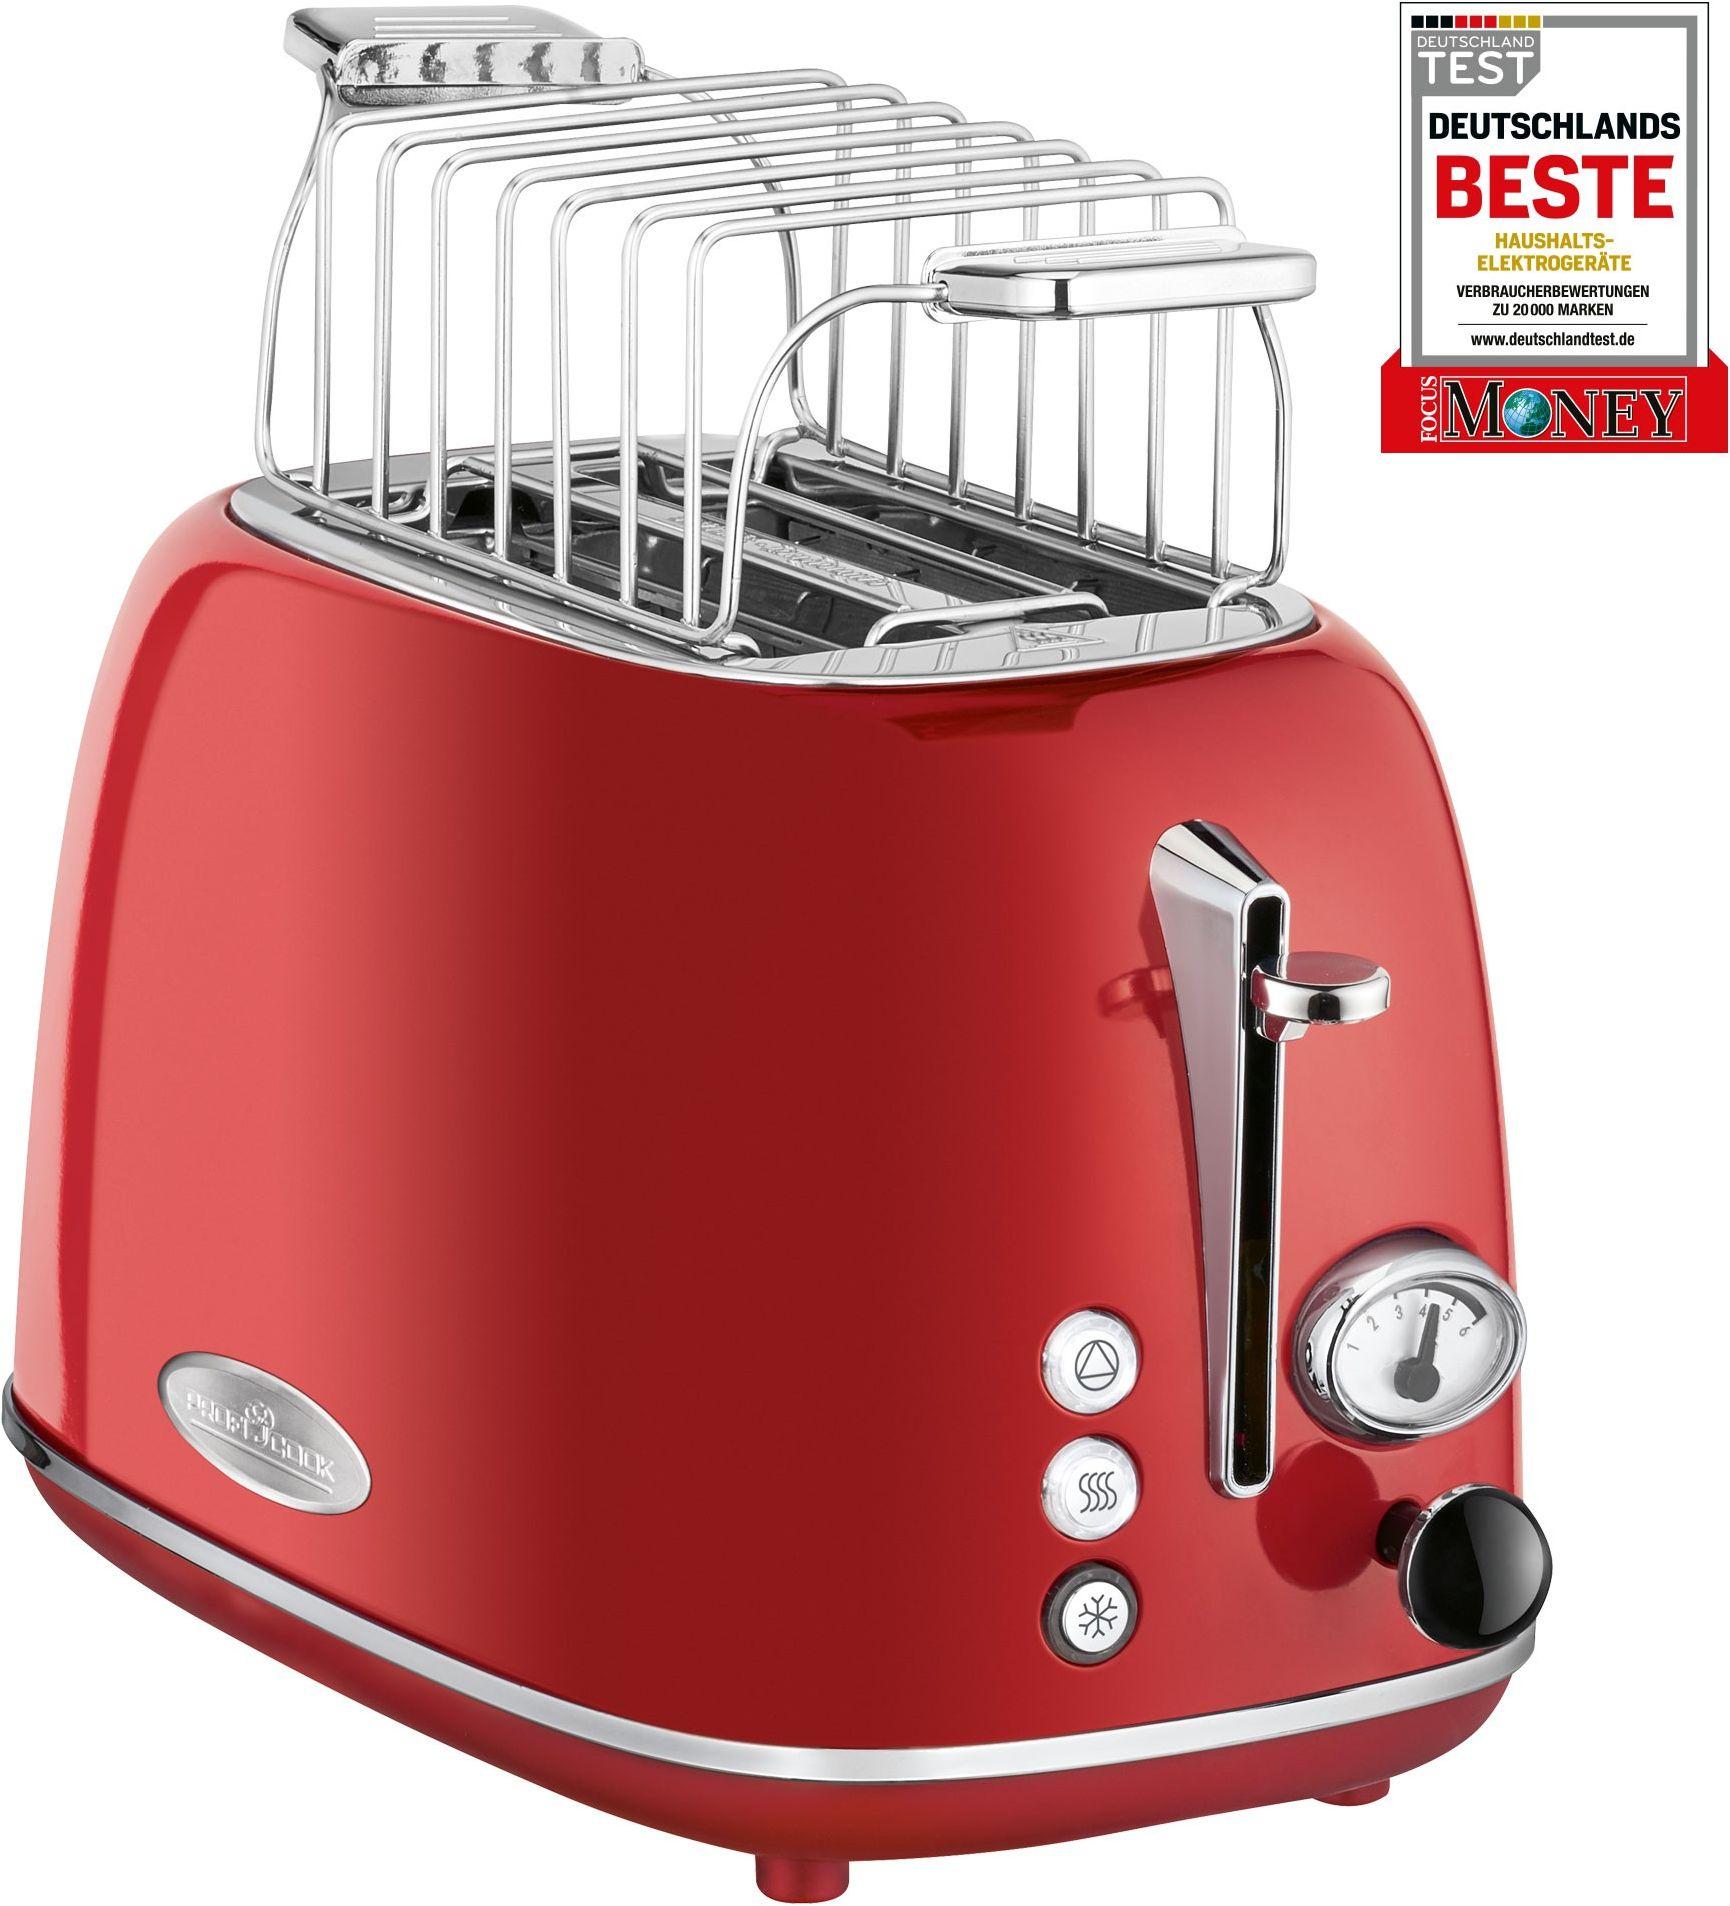 Toster ProfiCook PC-TA 1193 (czerwony)